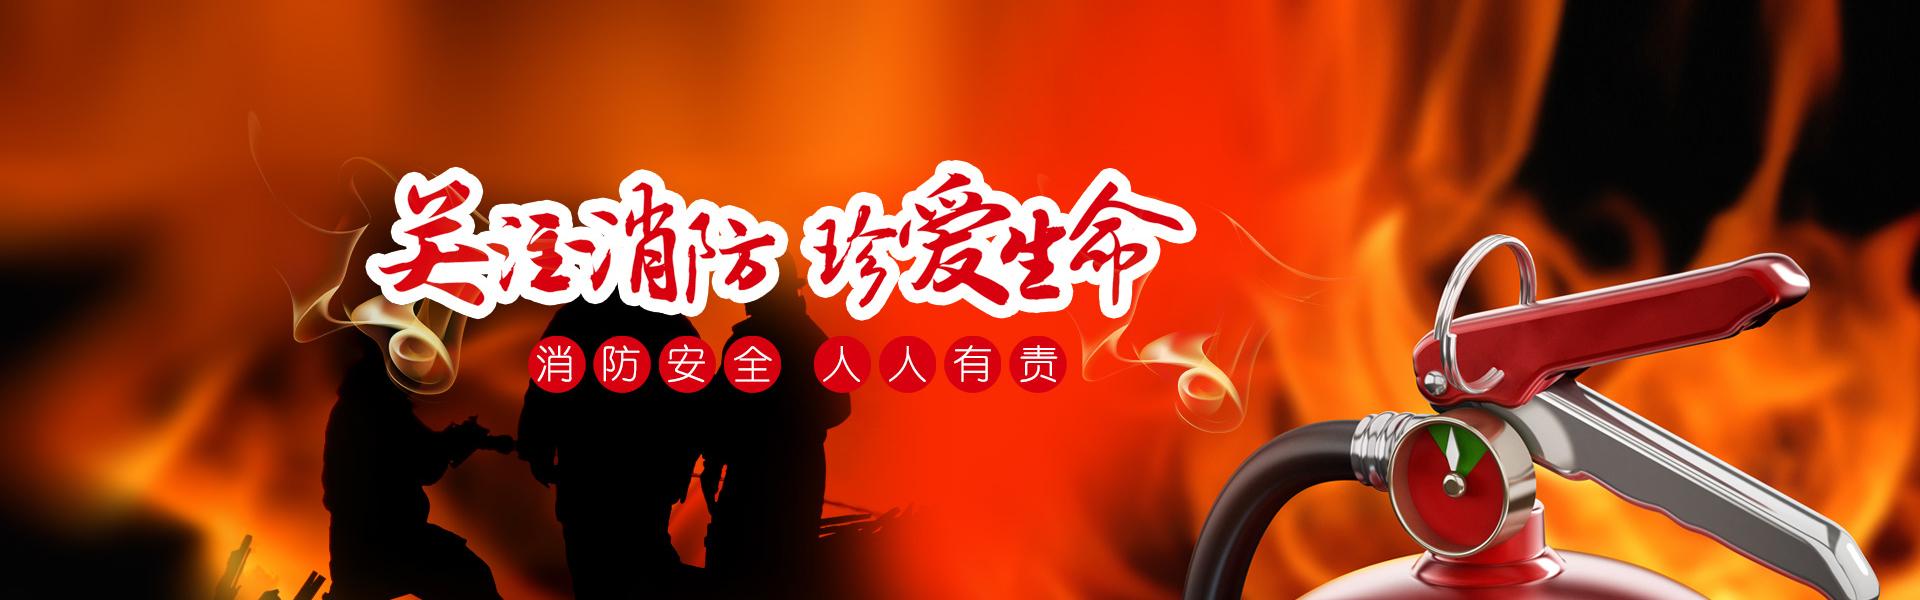 沈阳消防改造,沈阳消防工程,沈阳消防给水设备,沈阳消防排烟 沈阳消防控制柜